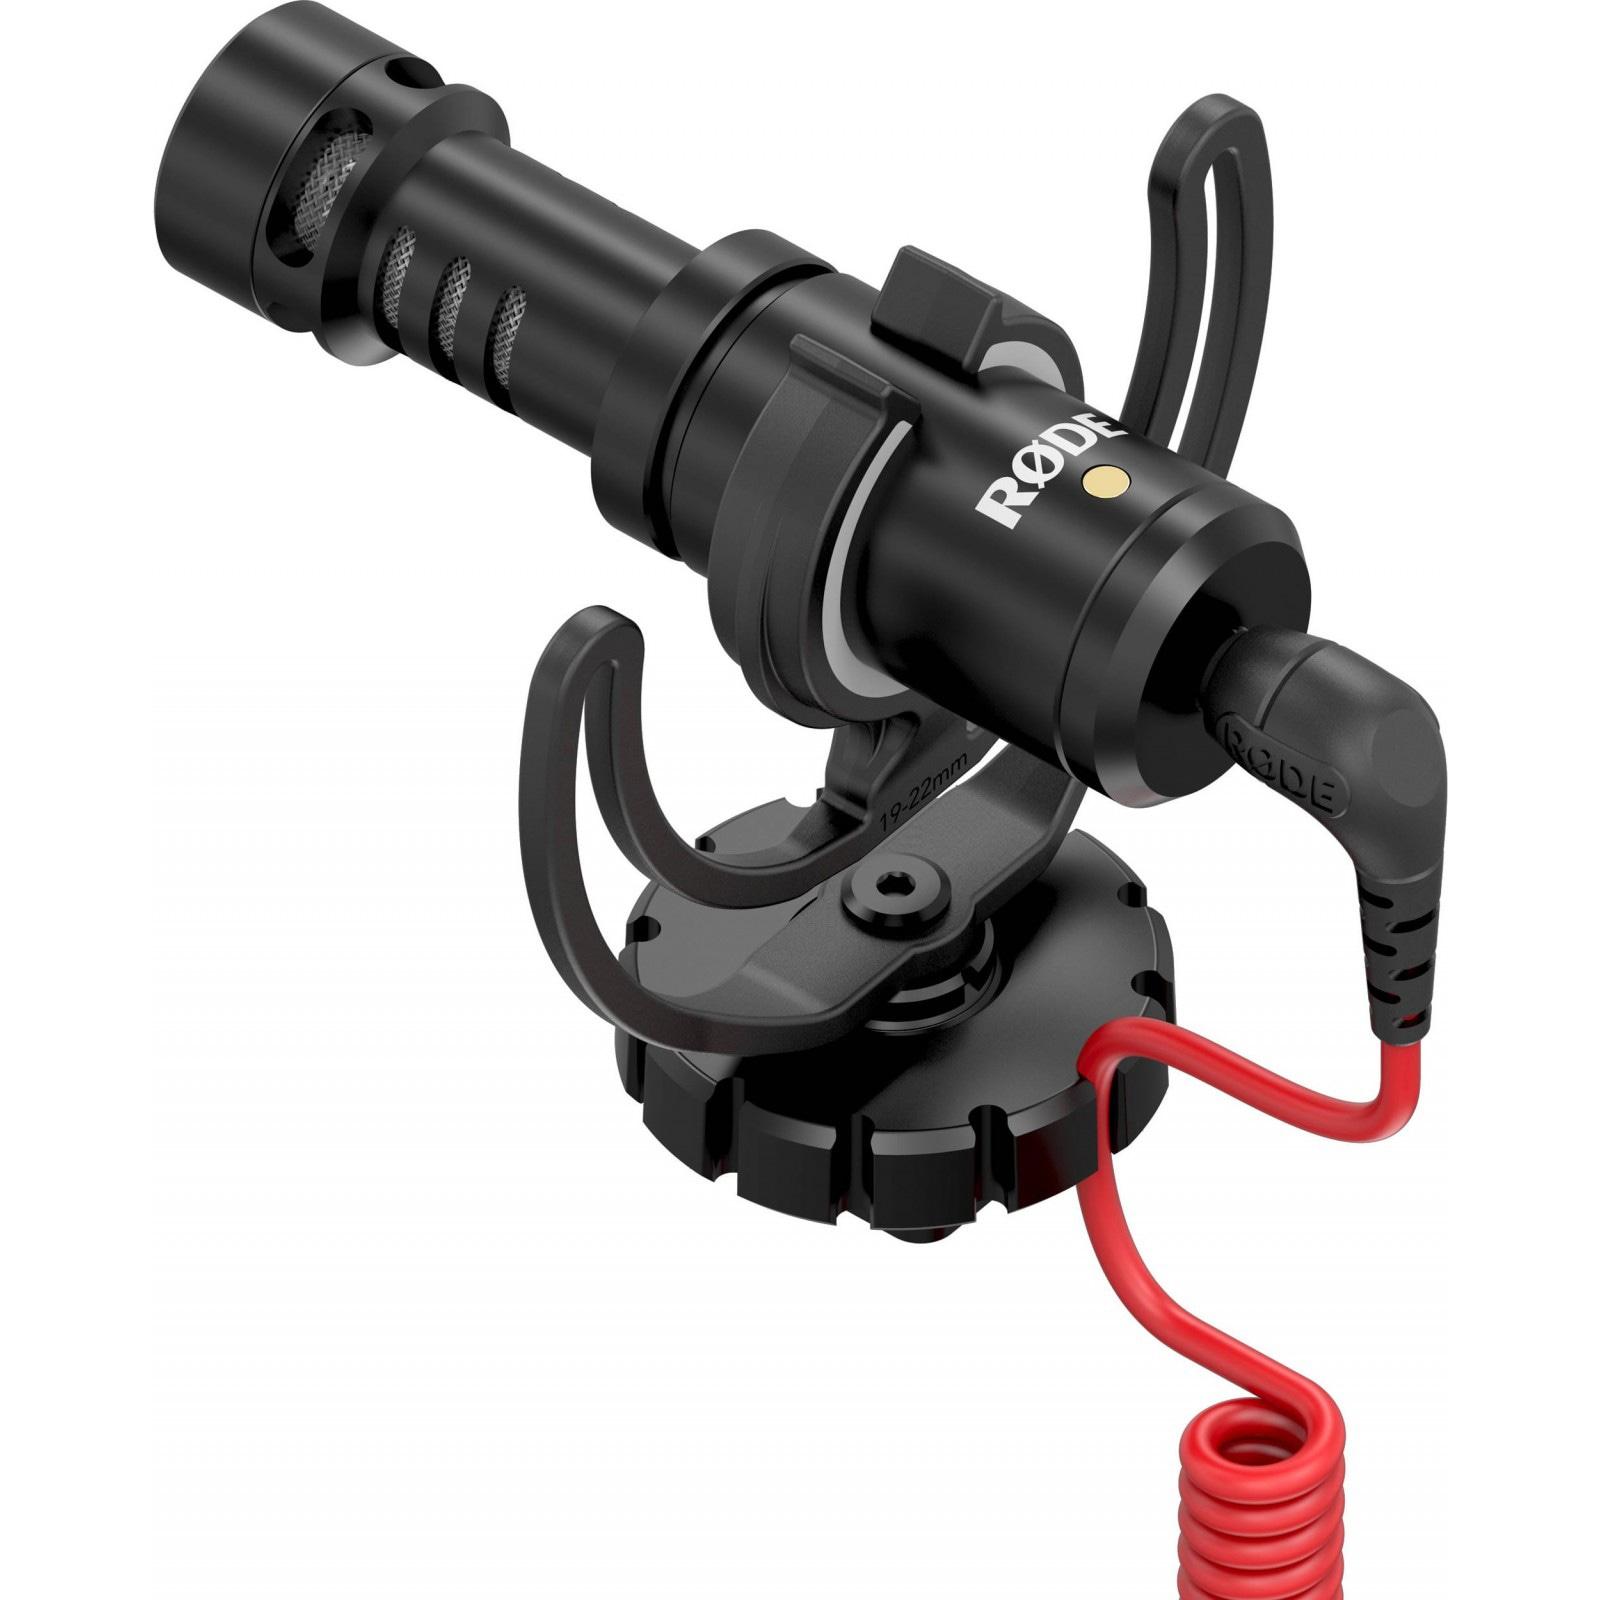 Микрофон RODE VideoMicro и быстросъемное 360° крепление для DJI Osmo-2